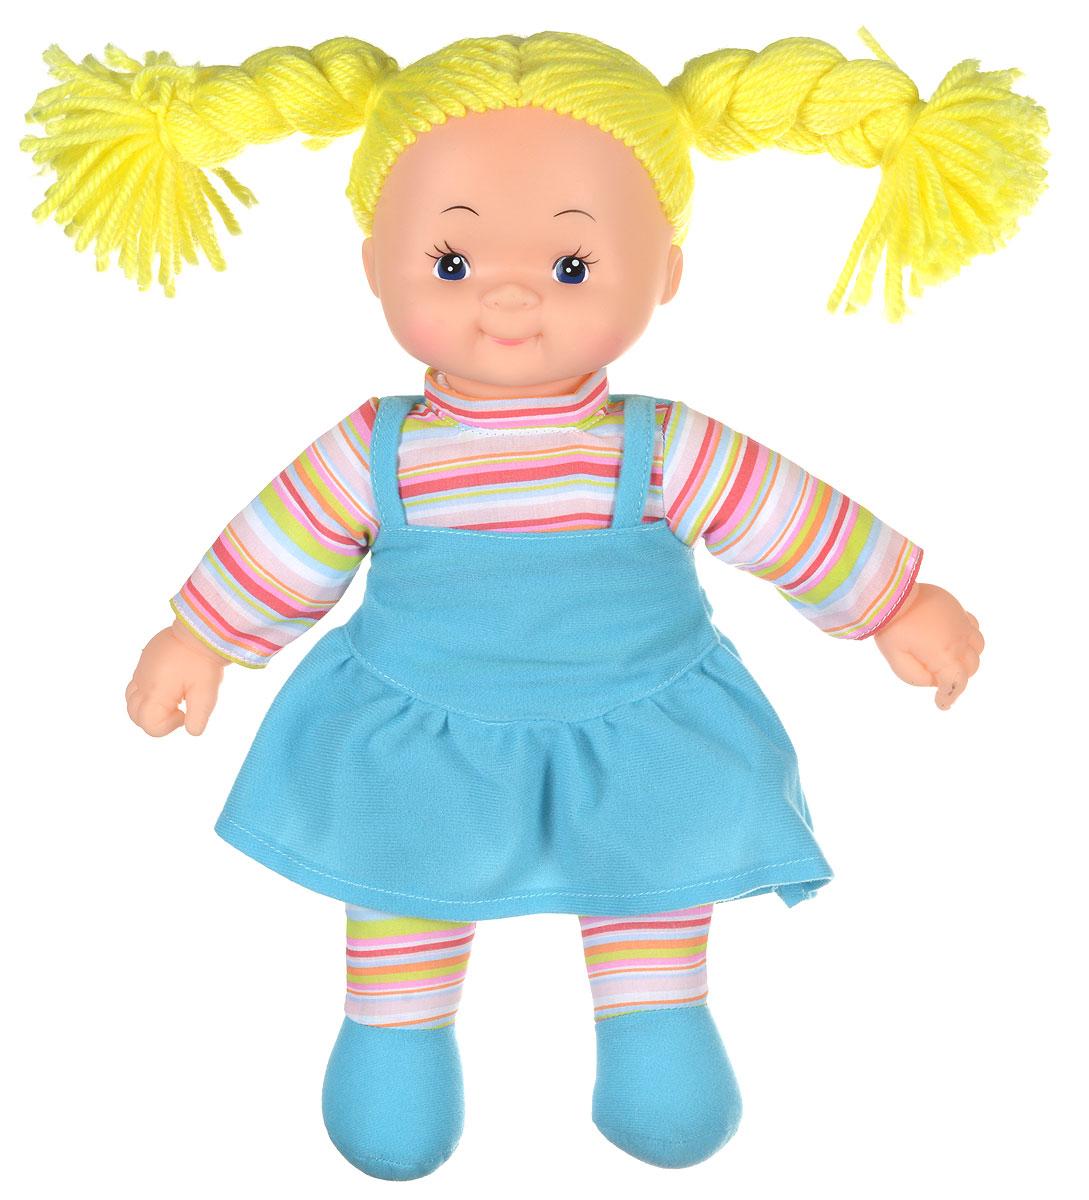 Simba Кукла мягкая Долли цвет платья голубой5112238_волосы желтые, платье голубоеМягкая кукла Simba Долли непременно понравится малышке, она быстро привлечет внимание своей яркой расцветкой, добрым взглядом и красивым праздничным нарядом. Малышка с удовольствием придумает много детских игр, которые от души порадуют ее и подарят хорошее настроение на целый день. Красивая и мягкая на ощупь кукла обязательно заинтересует девочку и увлечет ее в мир удивительных игр. Кукла одета в праздничное платье голубого цвета. Очаровательные волосы желтого цвета, сплетенные из нитей, дополняют прекрасный образ куклы. Мягкая кукла Simba Долли развивает тактильную чувствительность, стимулируют зрительное восприятие, хватательные рефлексы и моторику рук.